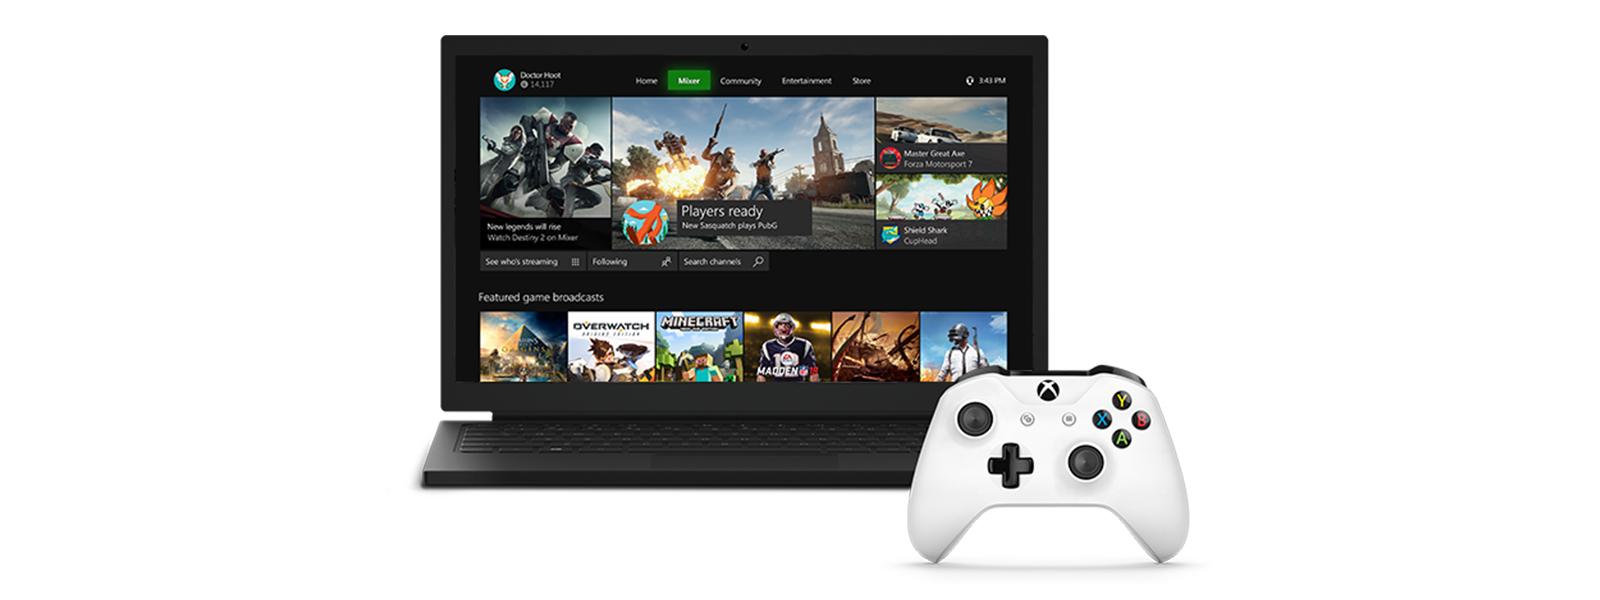 Nouvel interface Mixer pour les jeux sous Windows 10